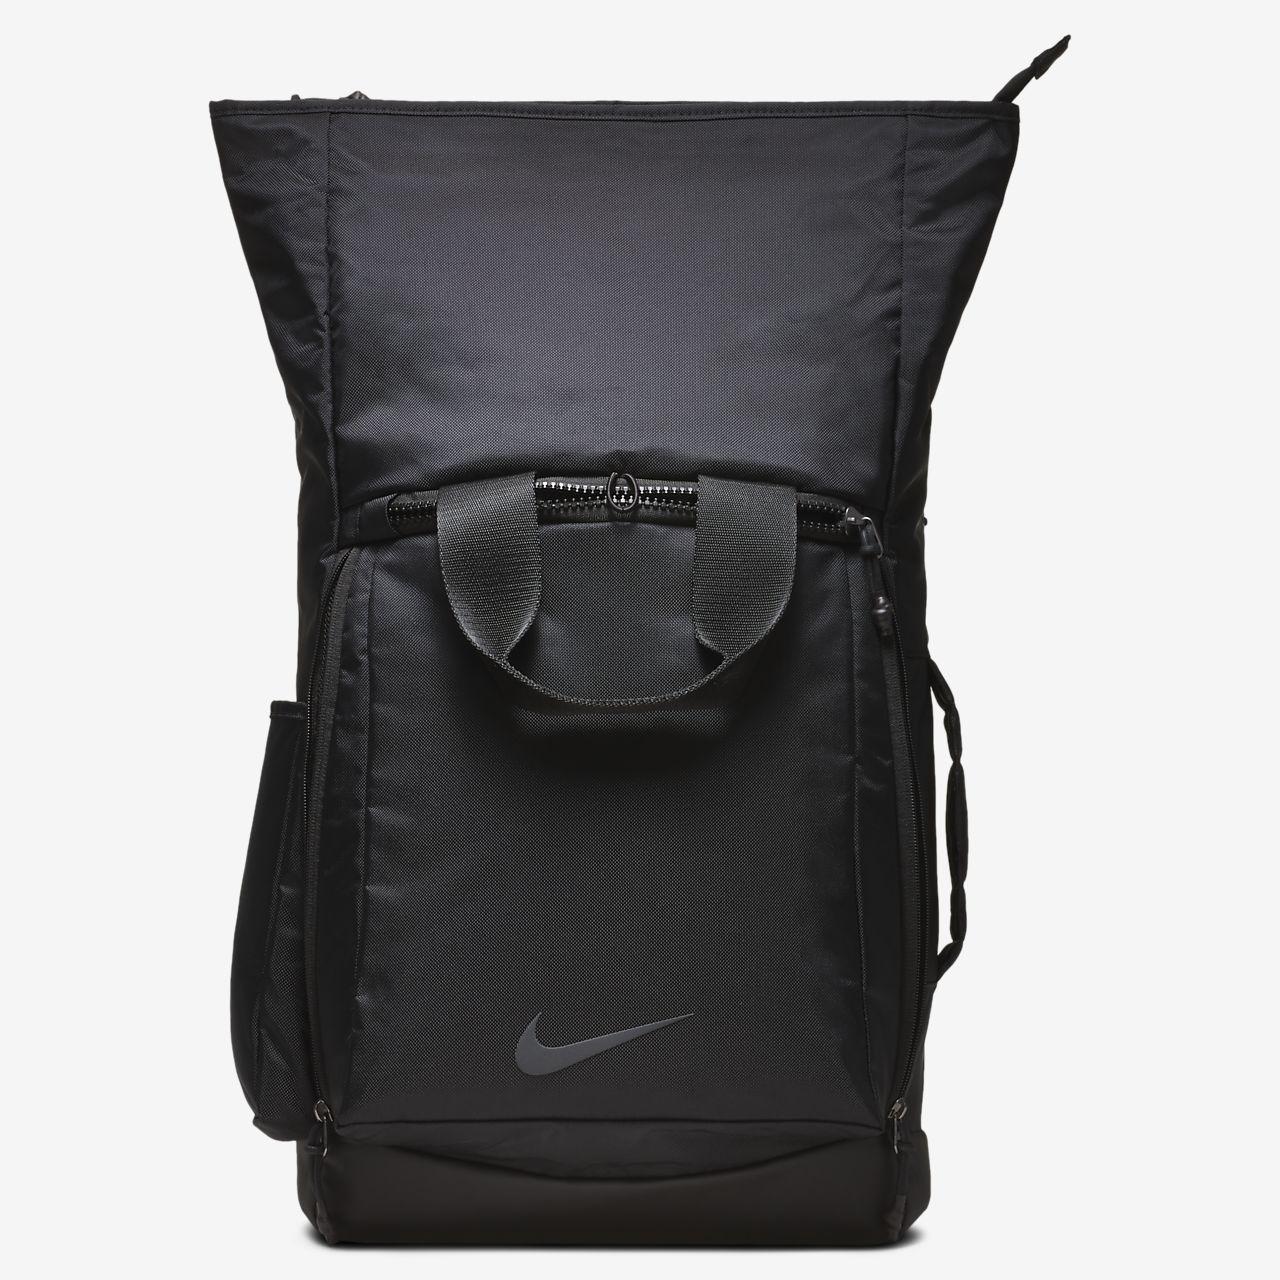 034abf5a79236 Plecak treningowy Nike Vapor Energy 2.0. Nike.com PL